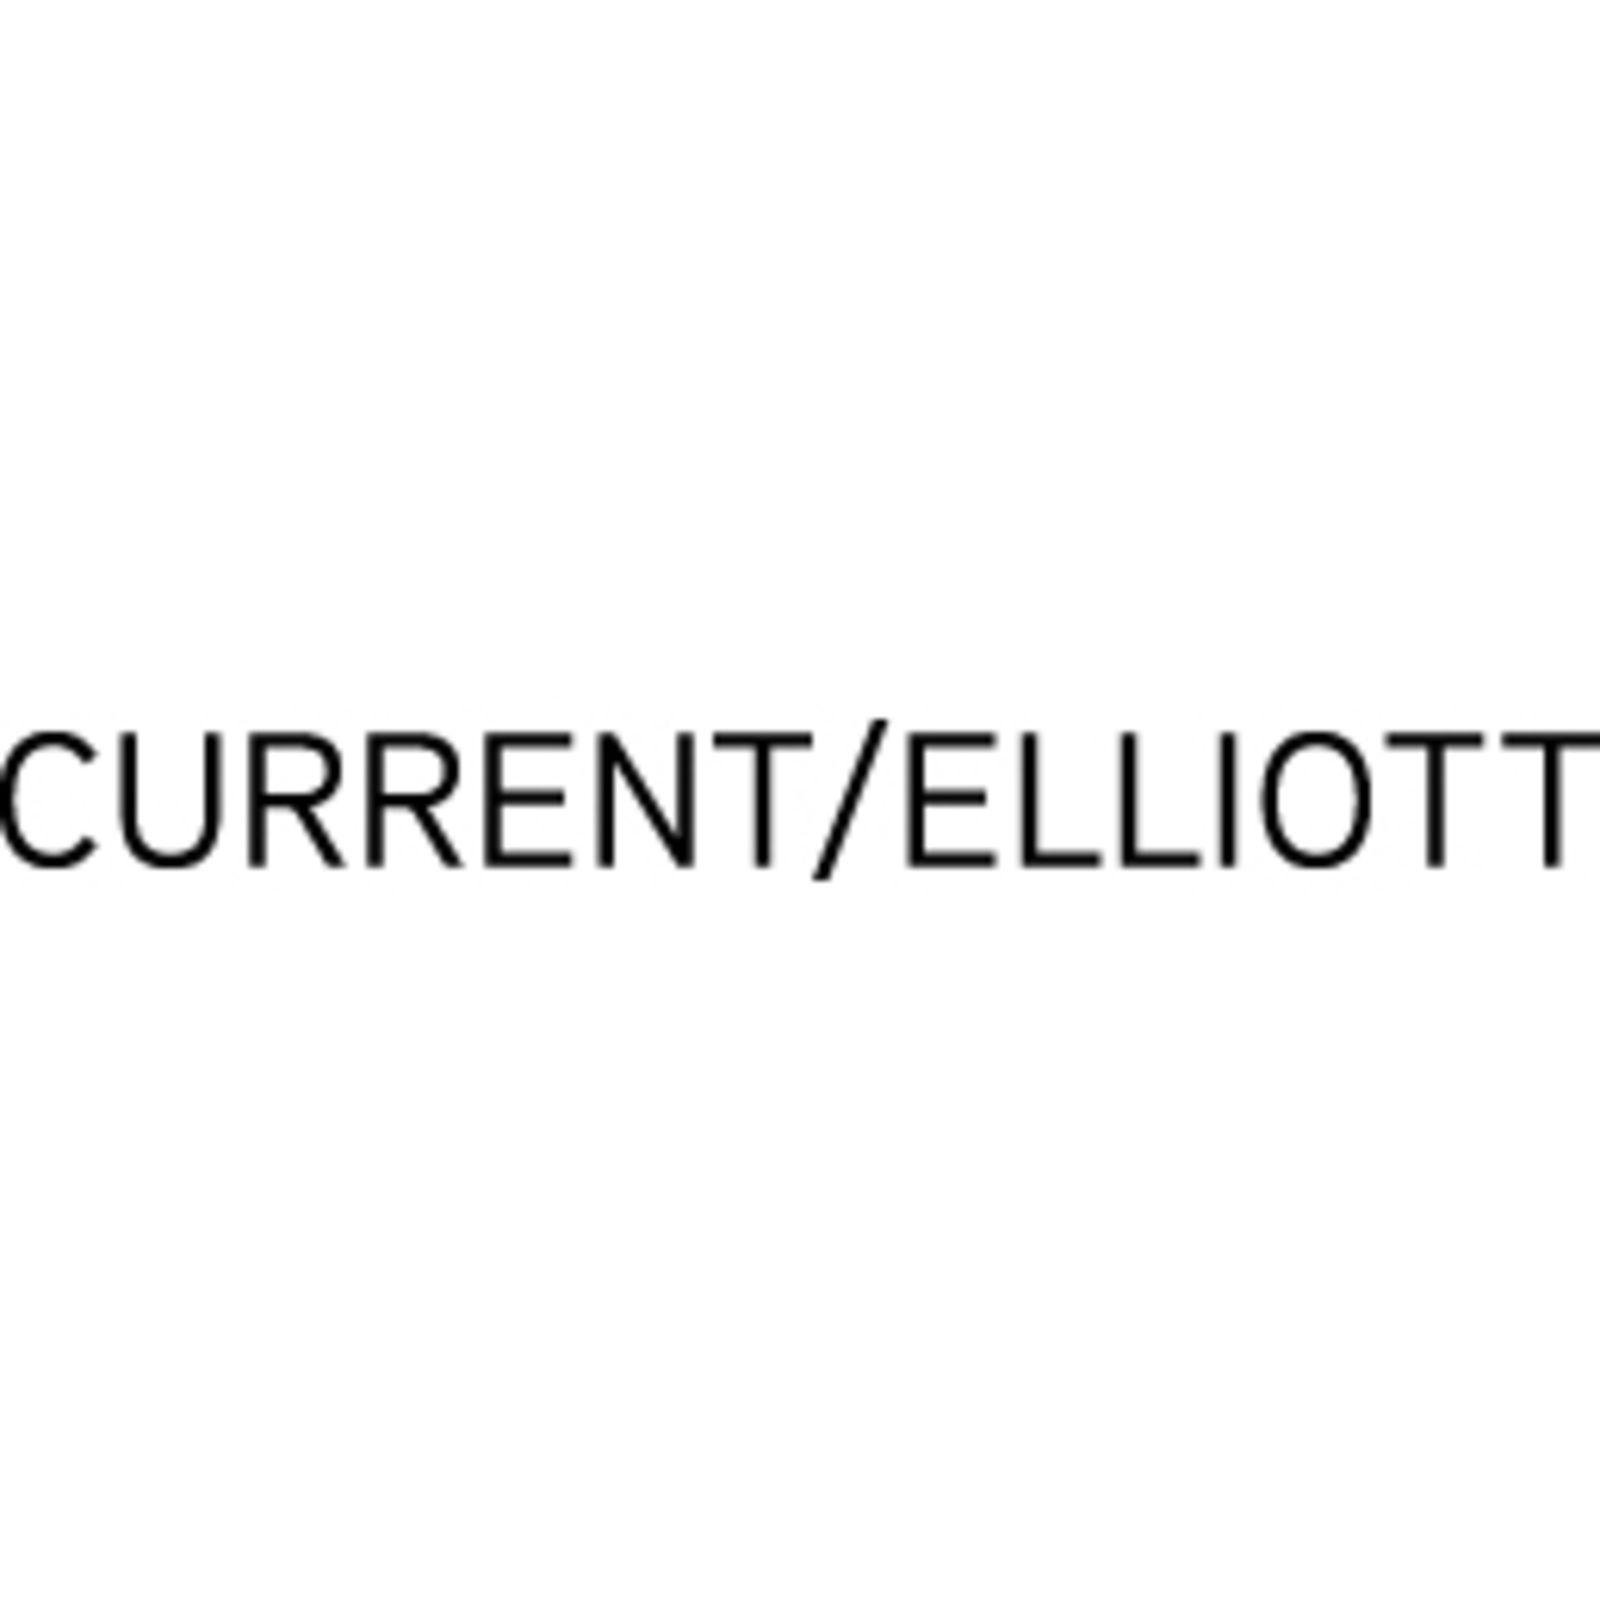 CURRENT/ELLIOTT (Bild 1)